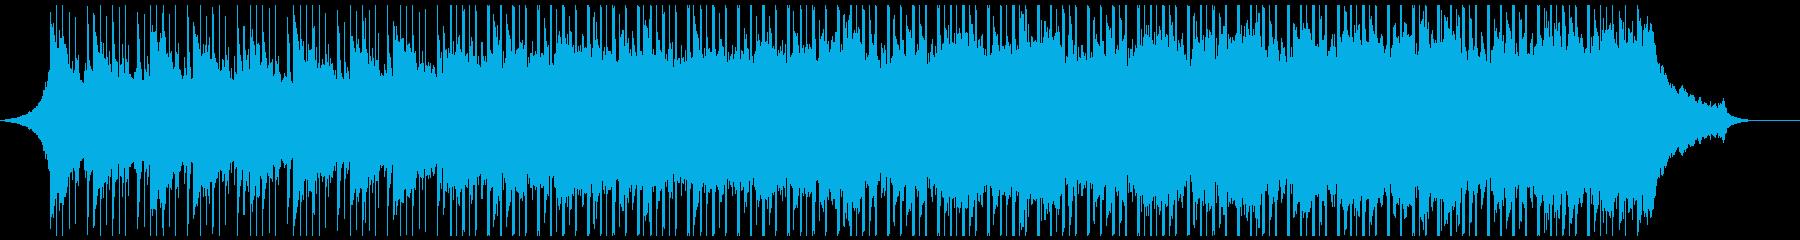 企業のバックグラウンドミュージックの再生済みの波形